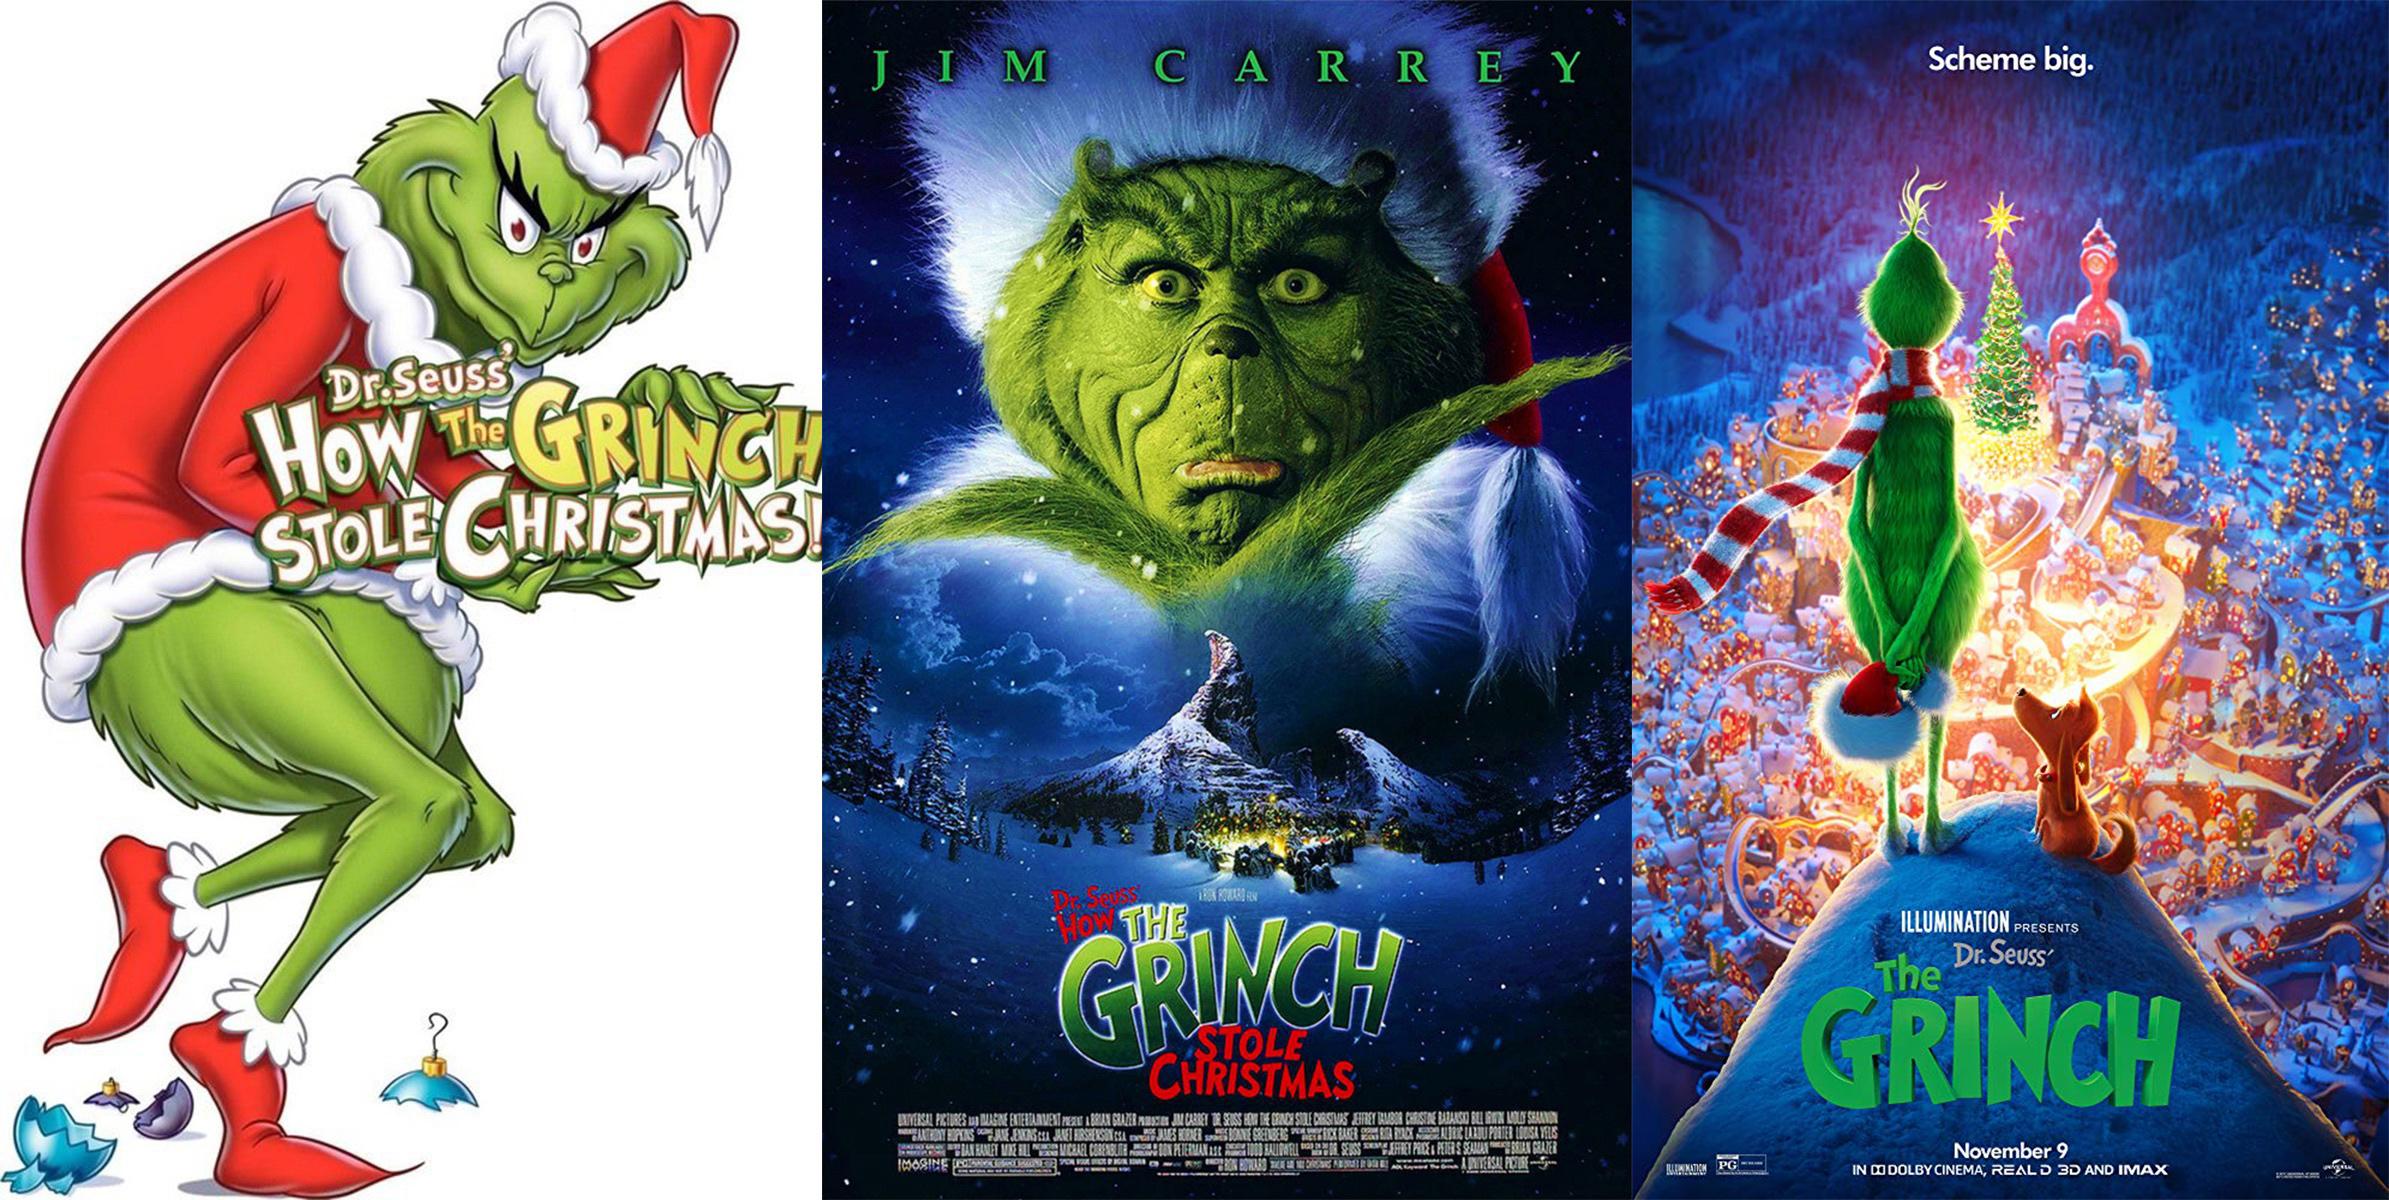 Left: 1960 Poster; center: 2000 Poster; Right: 2018